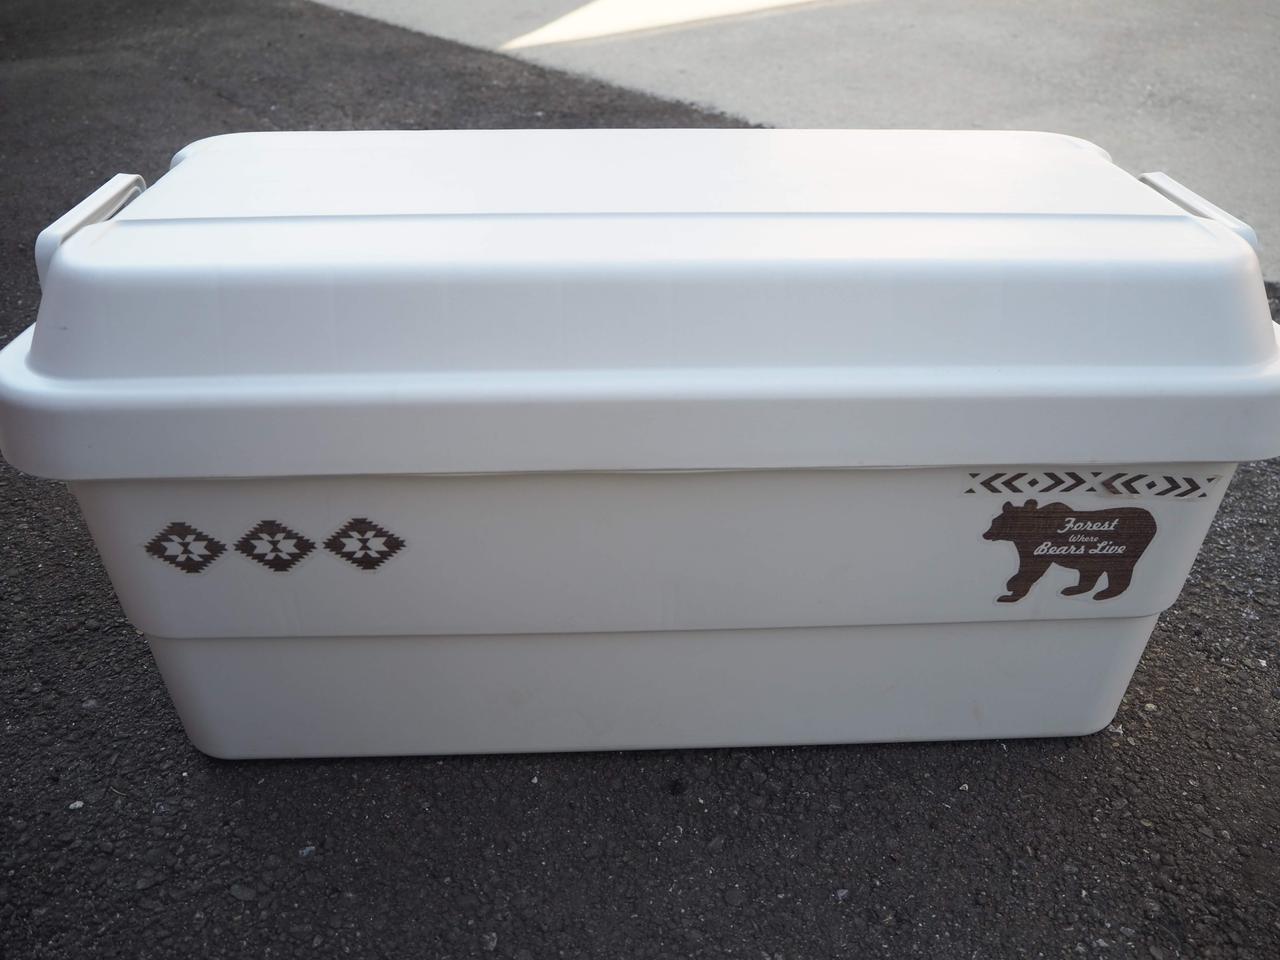 画像: 無印良品 『PP頑丈収納ボックス・特大』 外寸:約幅78×奥行39×高さ37cm / 重量:約3.9㎏ / 耐荷重:ふた約100㎏、収納部20㎏ / 積み重ね段数:2段 お気に入りのステッカーを張りました。